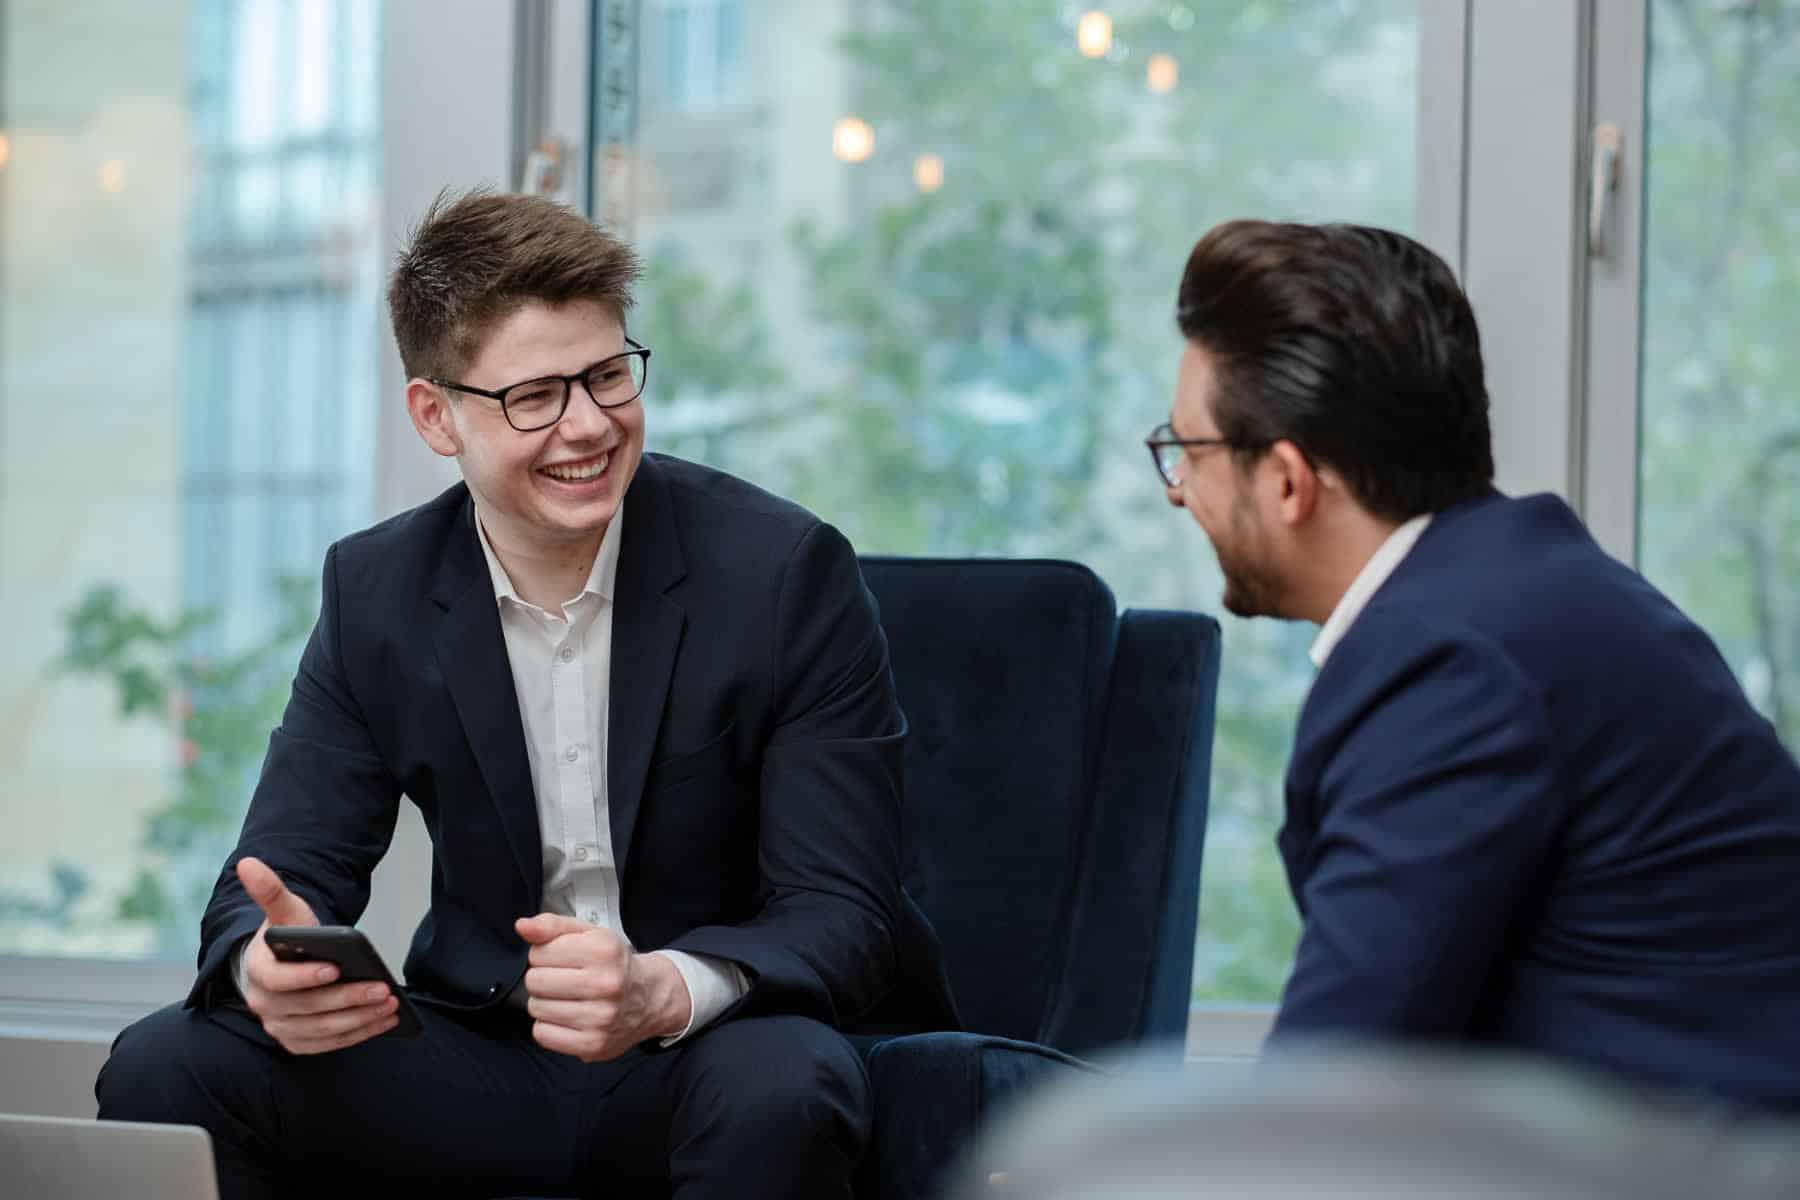 Corporate Fotografie Philipp Gülpen im Gespräch mit Kollegen